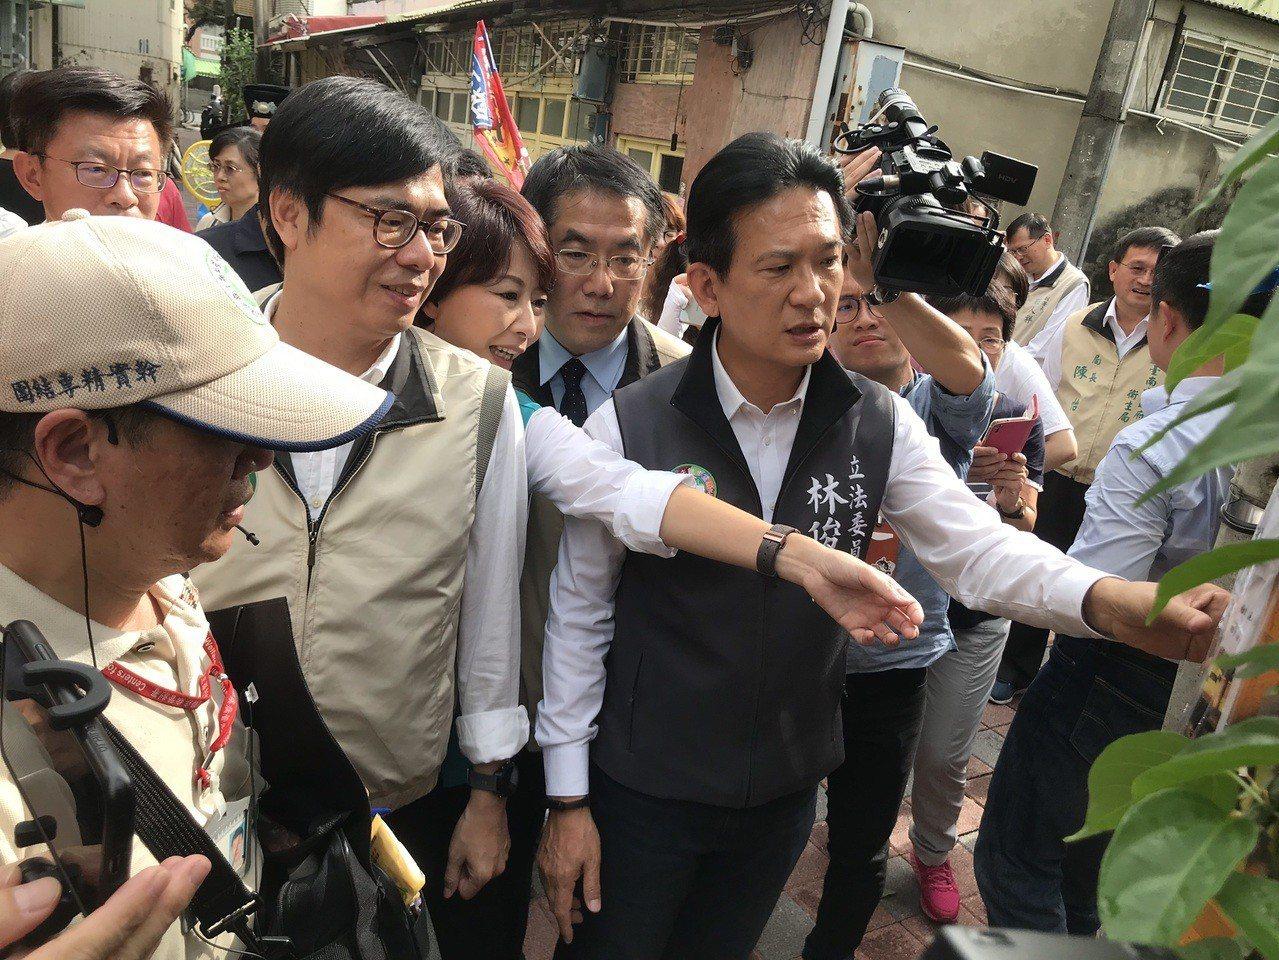 行政院副院長陳其邁今天到台南市中西區視察登革熱孳清。記者鄭維真/攝影